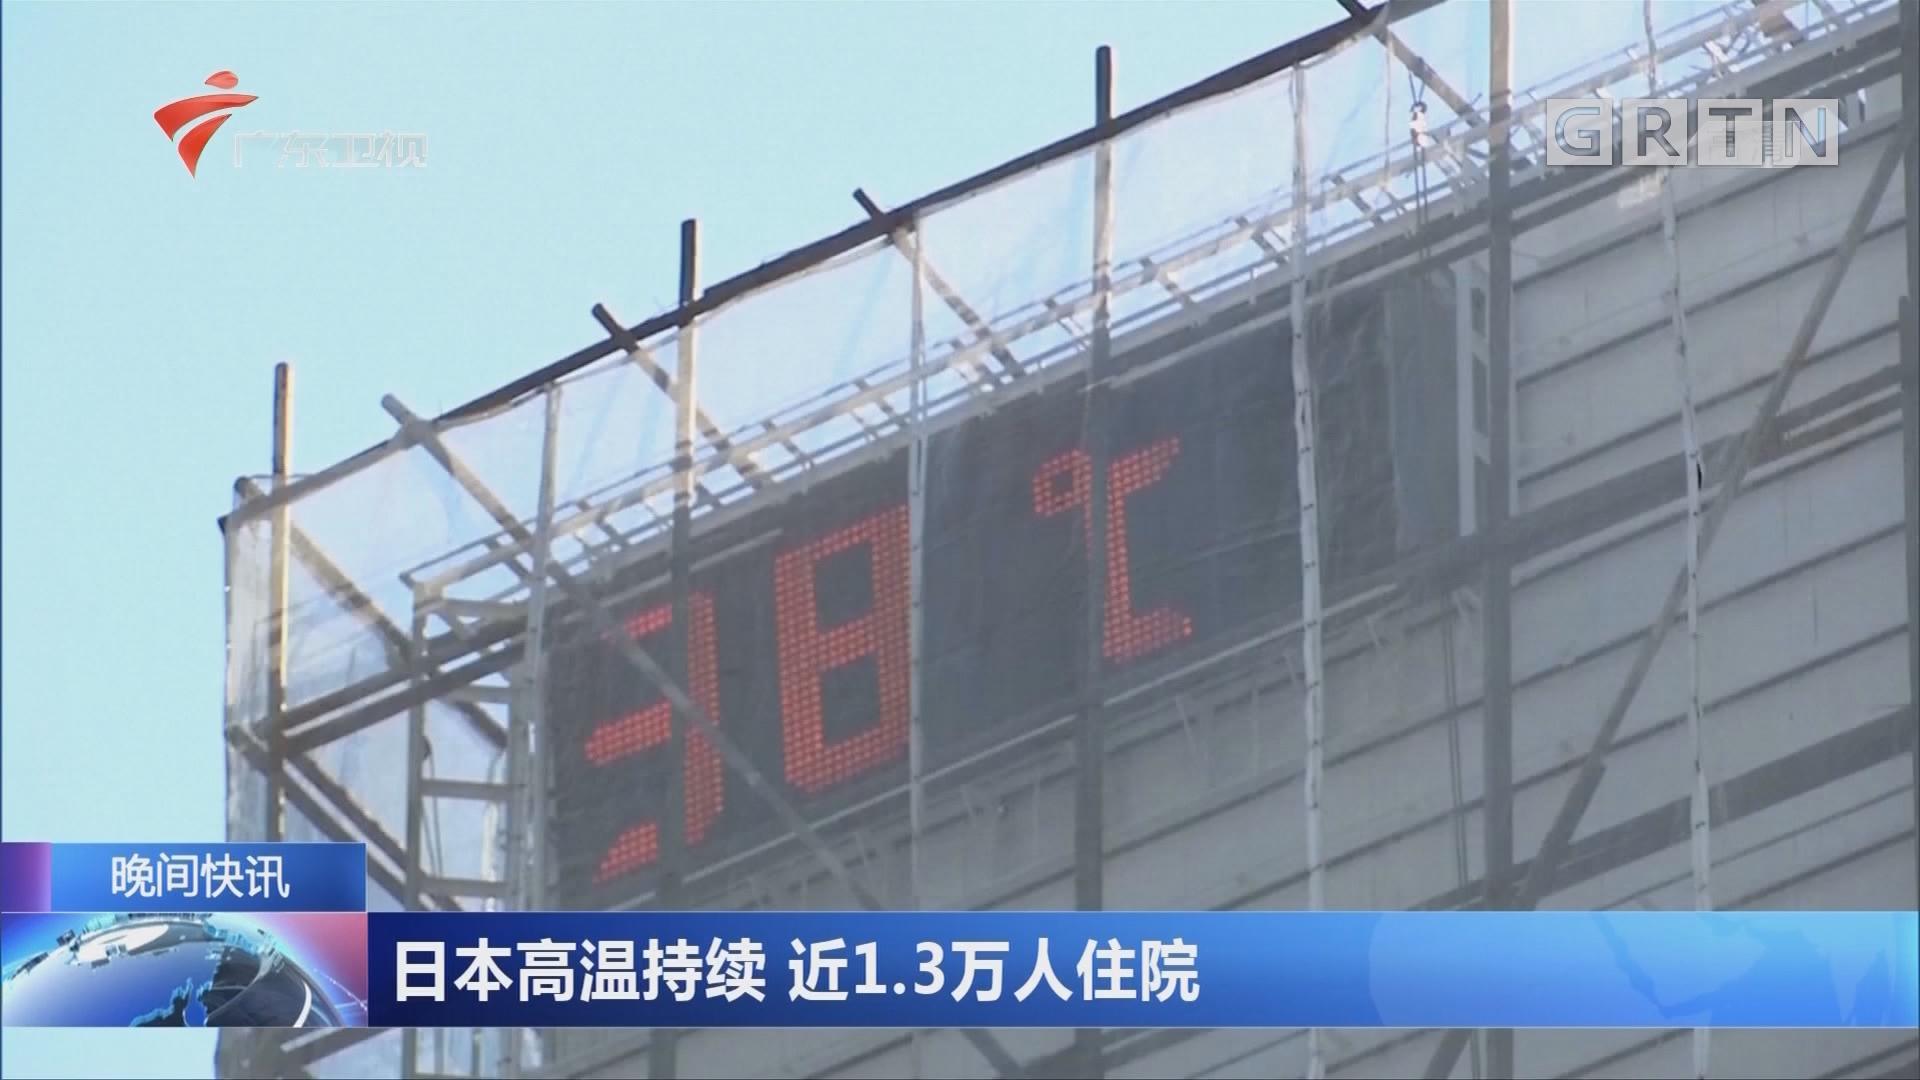 日本高温持续 近1.3万人住院